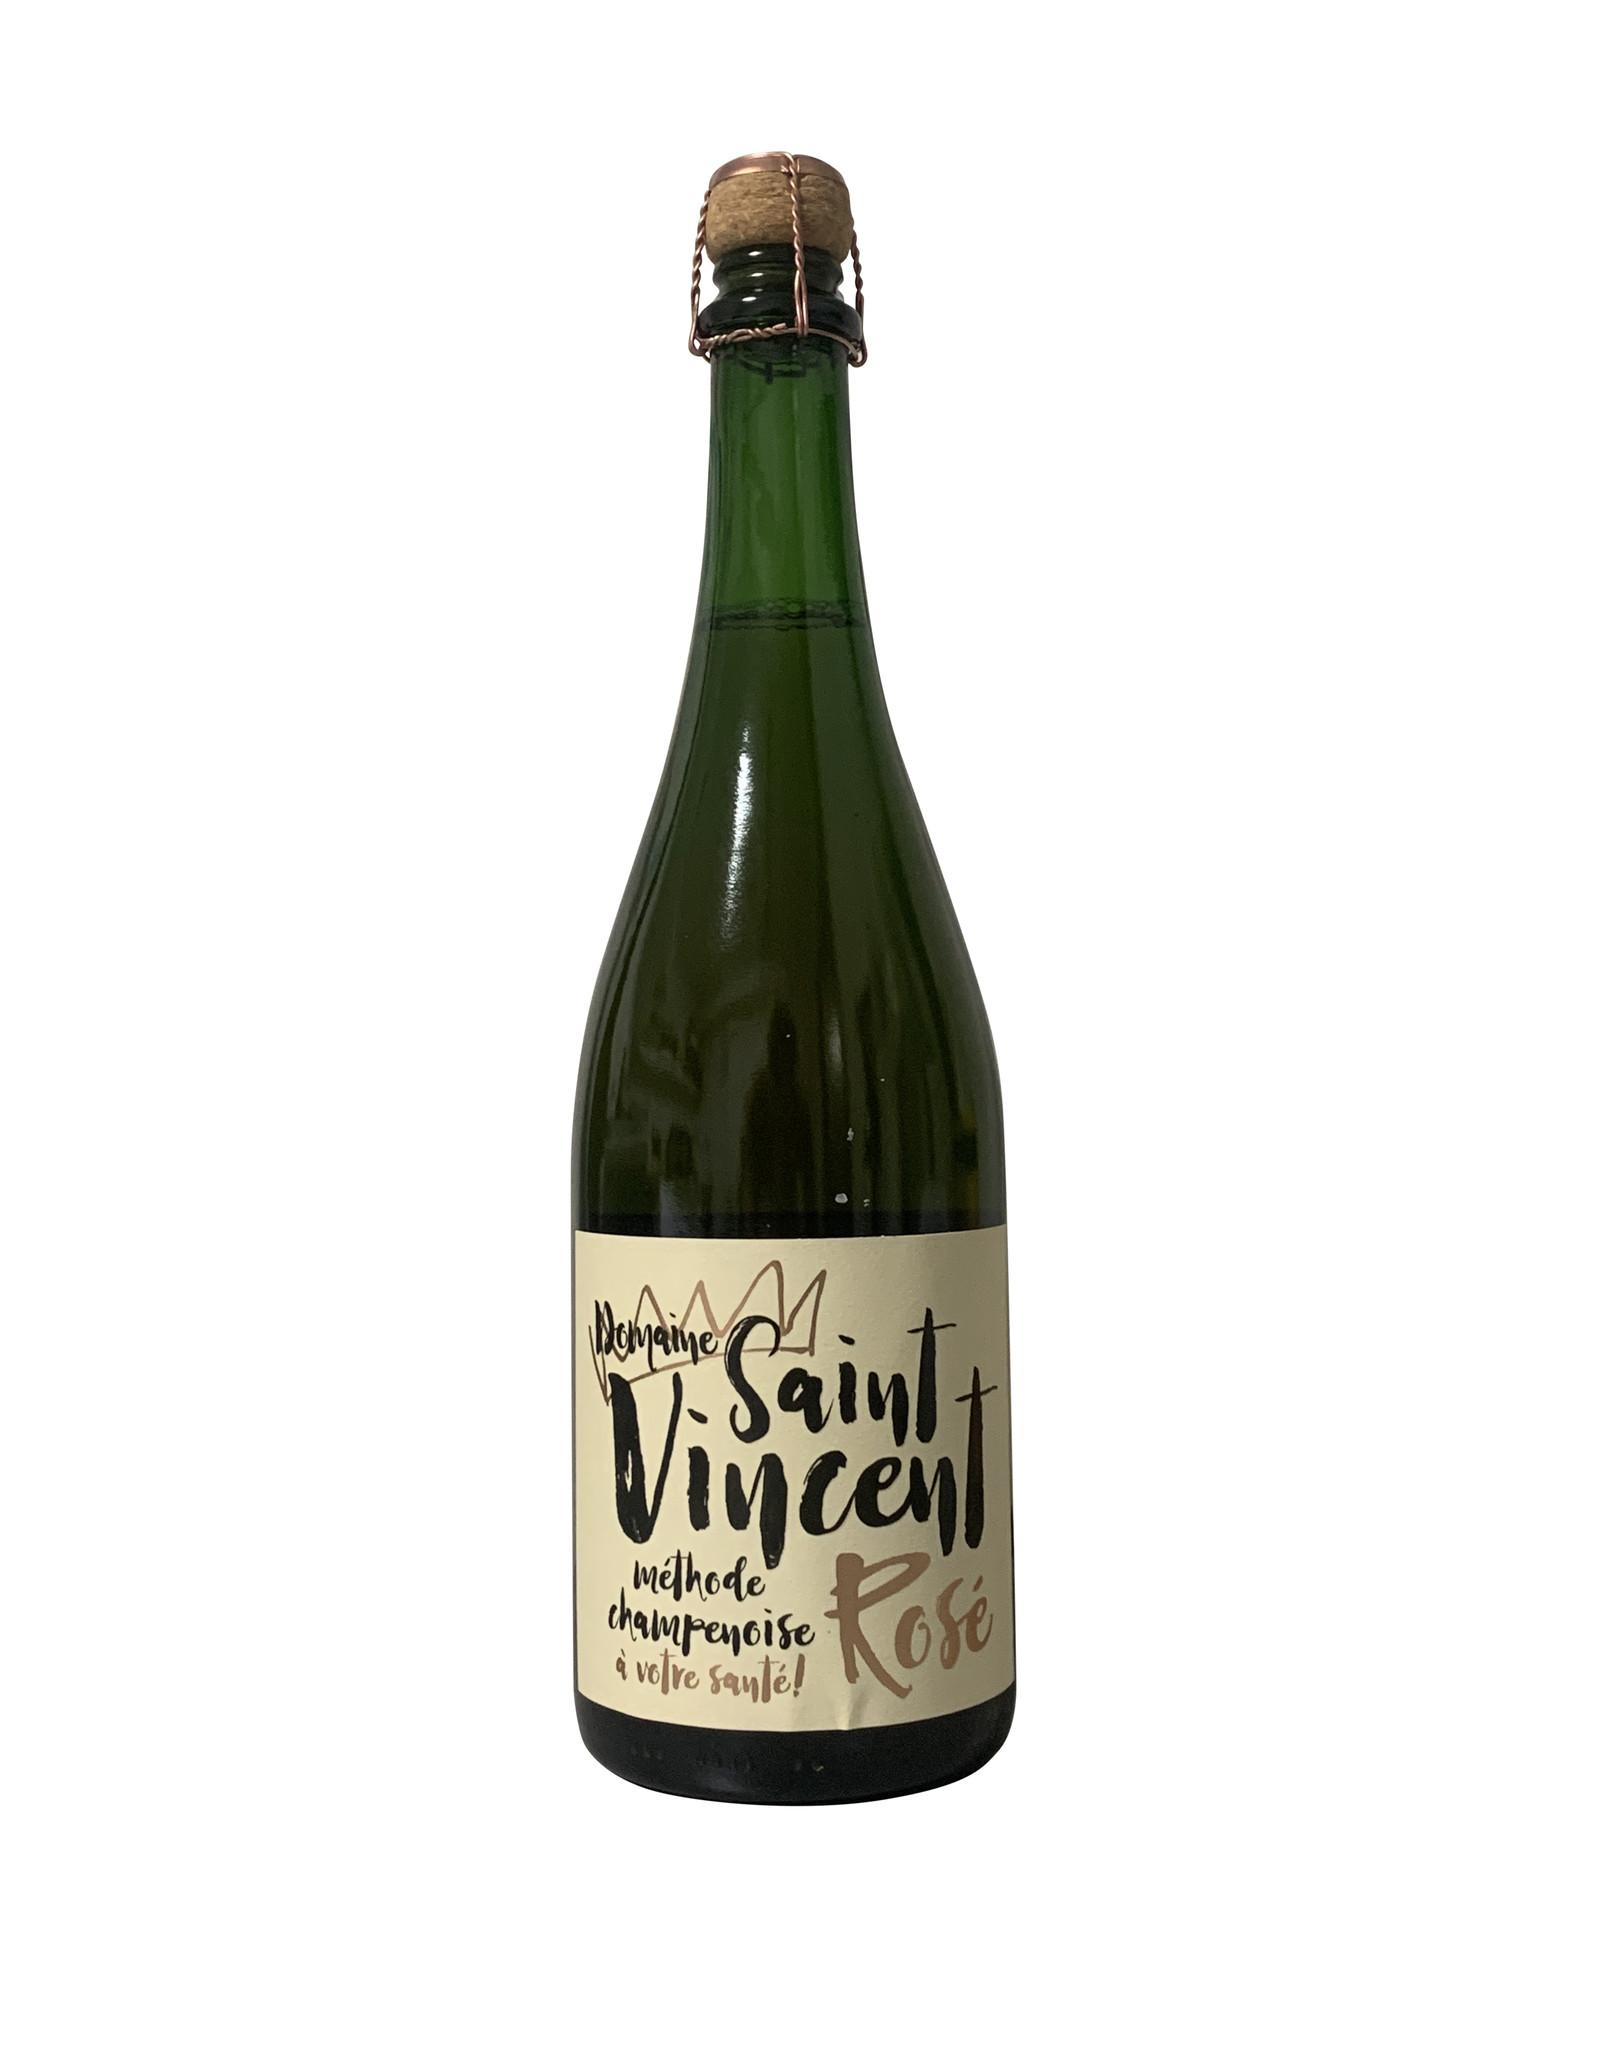 Gruet Gruet Winery Brut Rose 'St Vincent' NV, New Mexico (750ml)